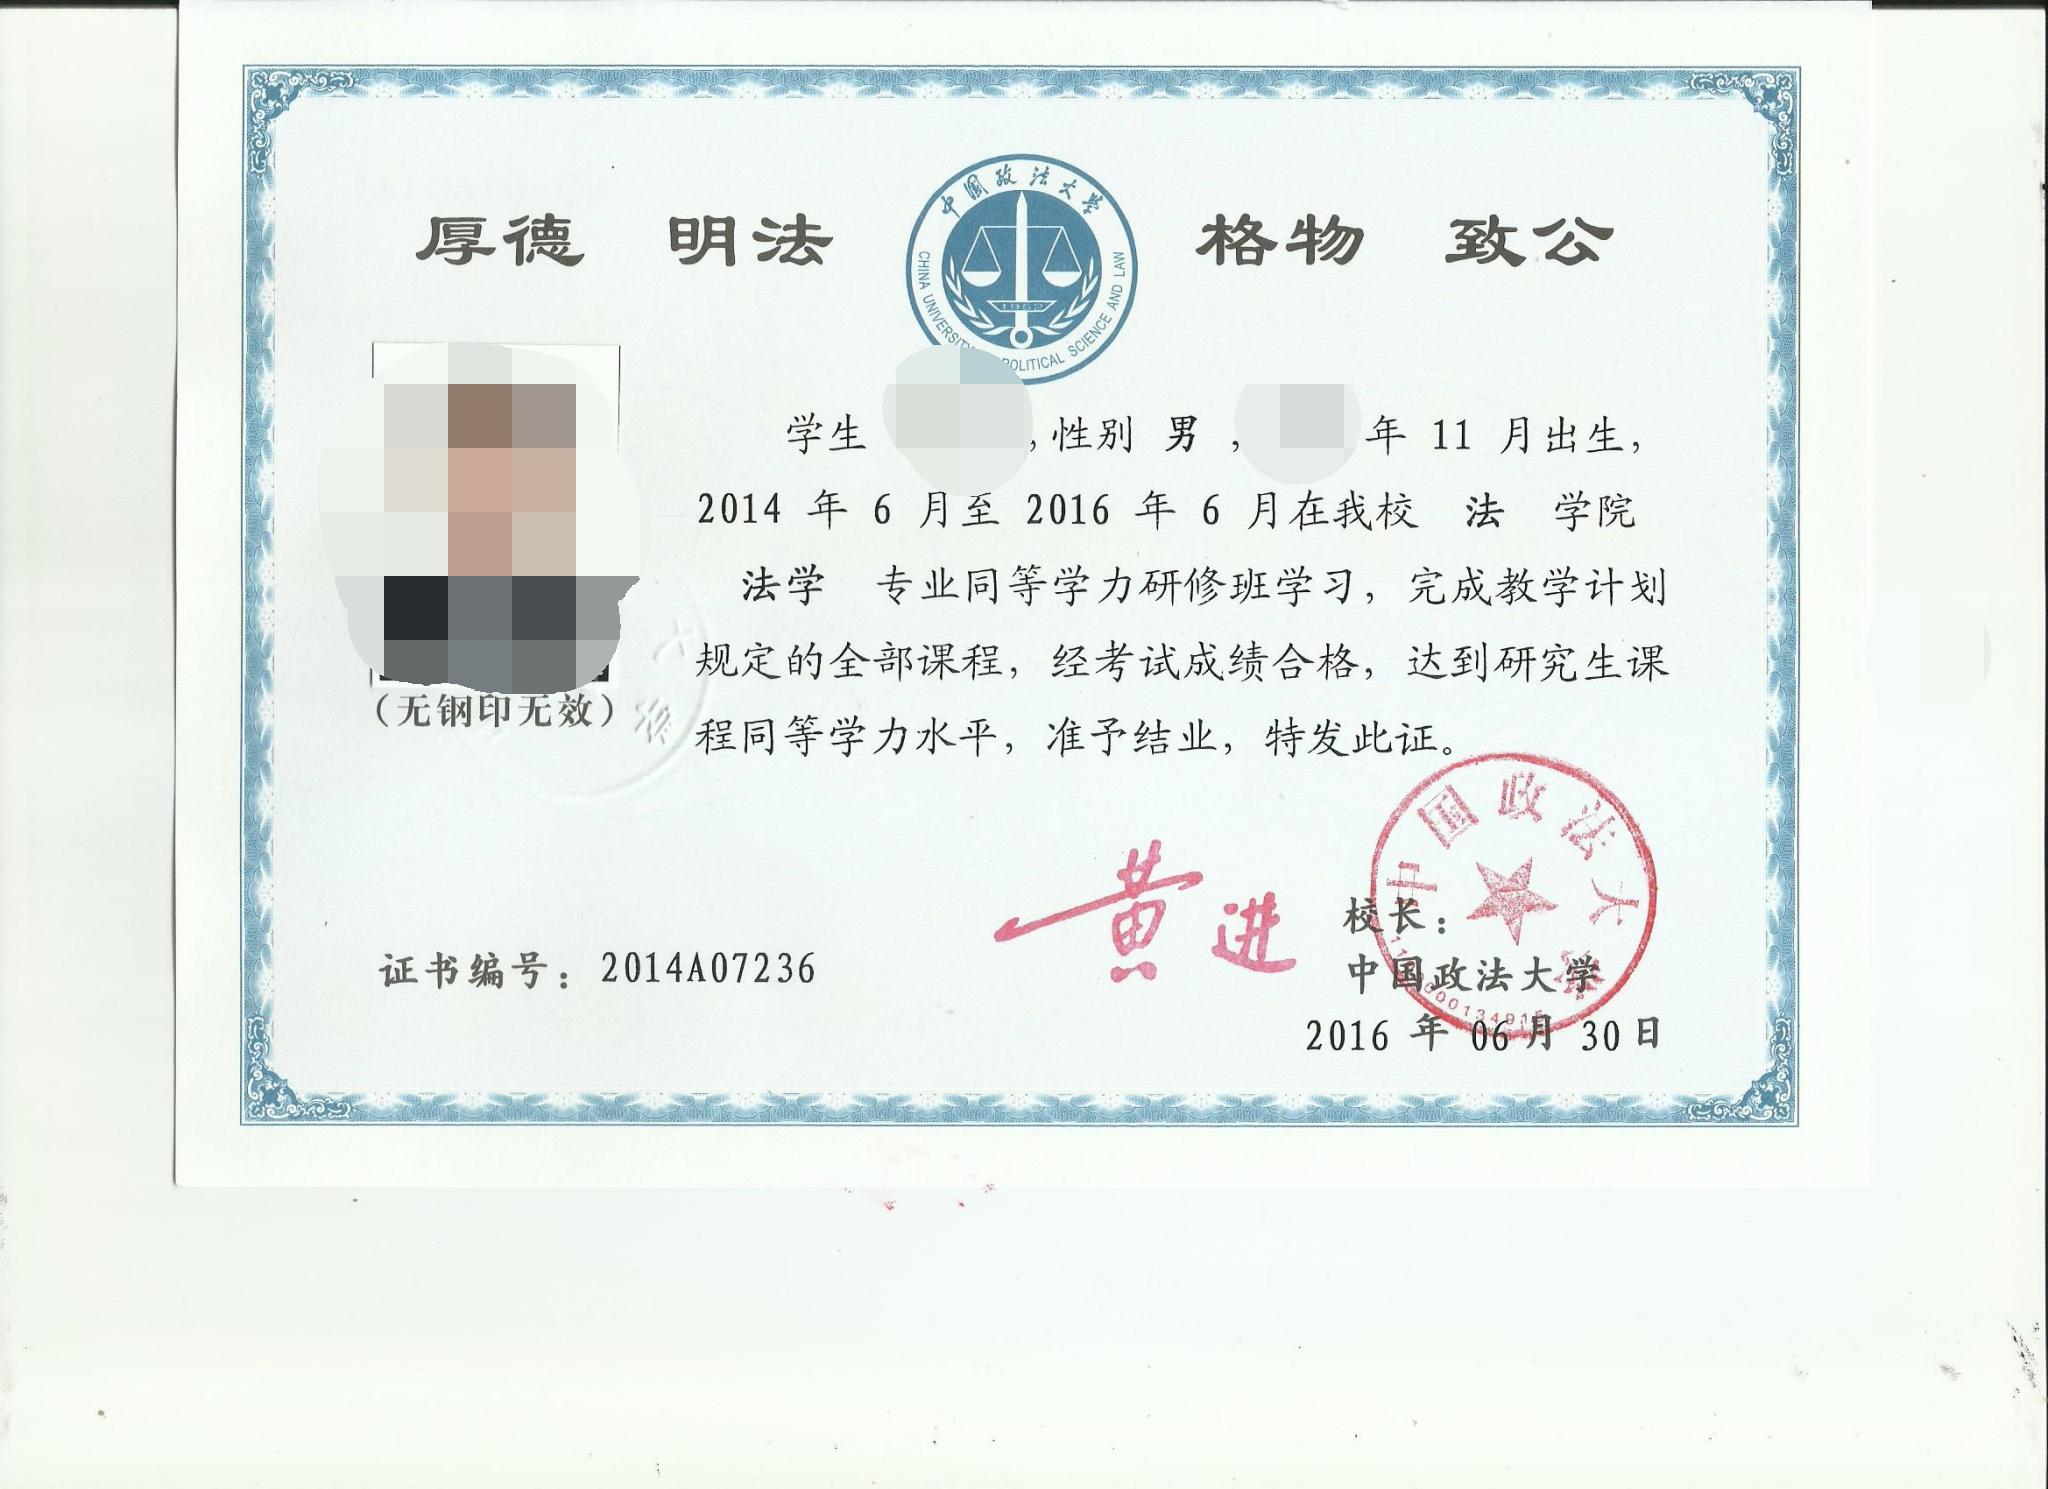 法硕结业证书样板.jpg